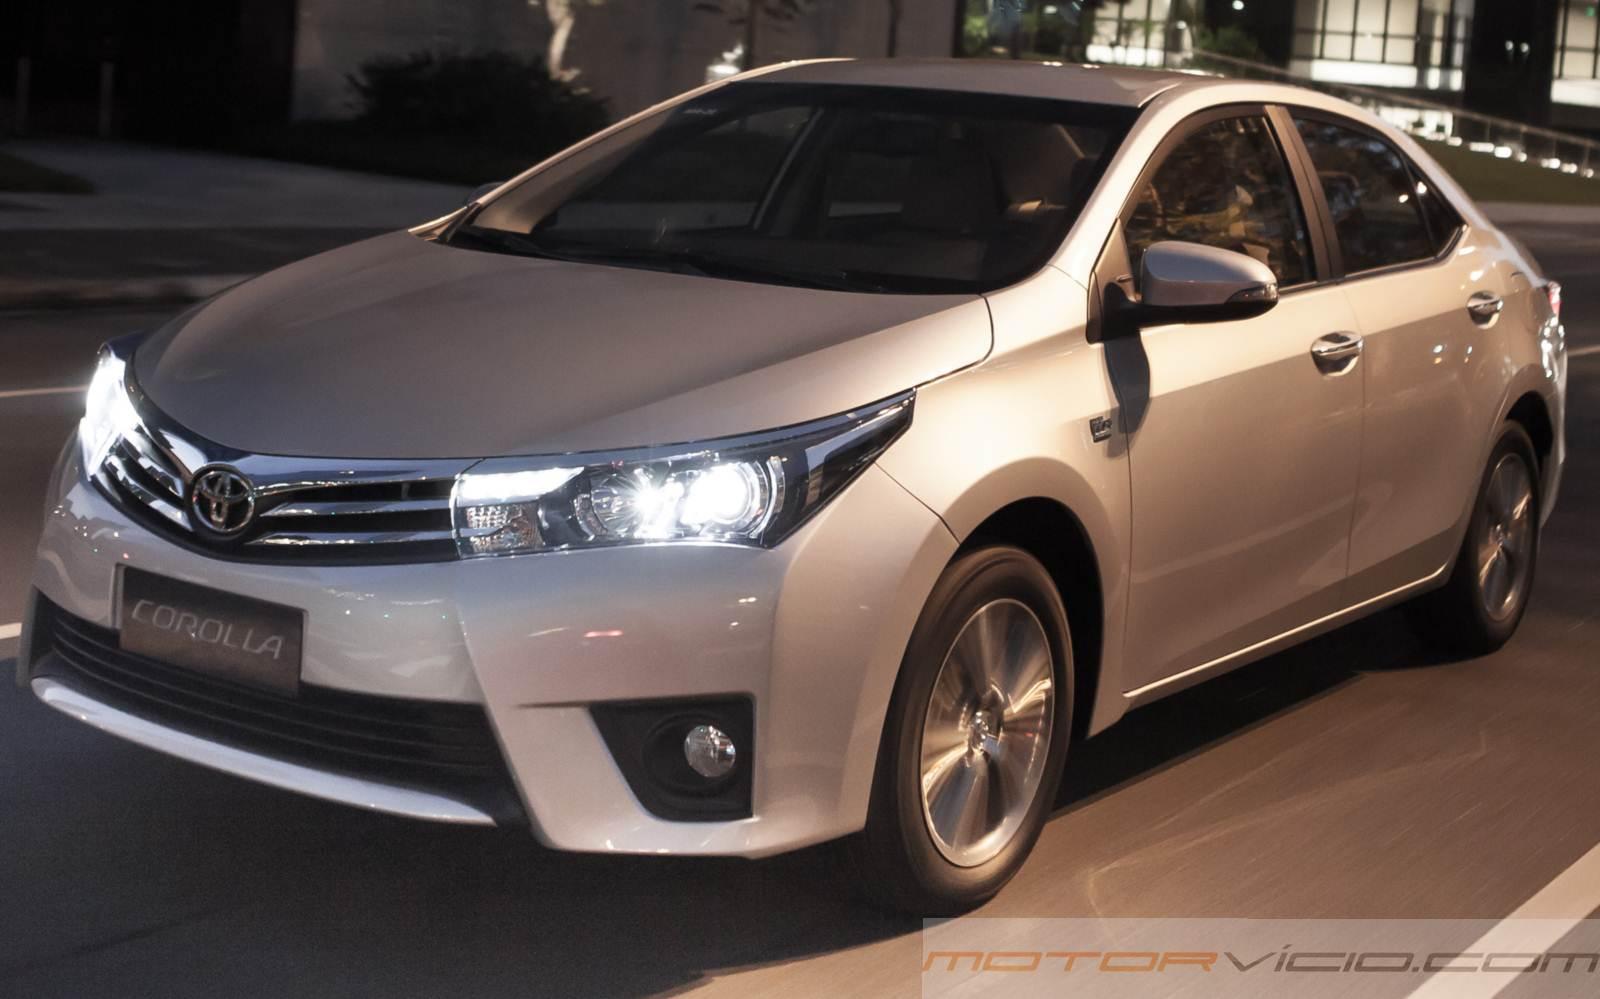 Toyota Corllla no nanking de carros mais vendidos do Brasil